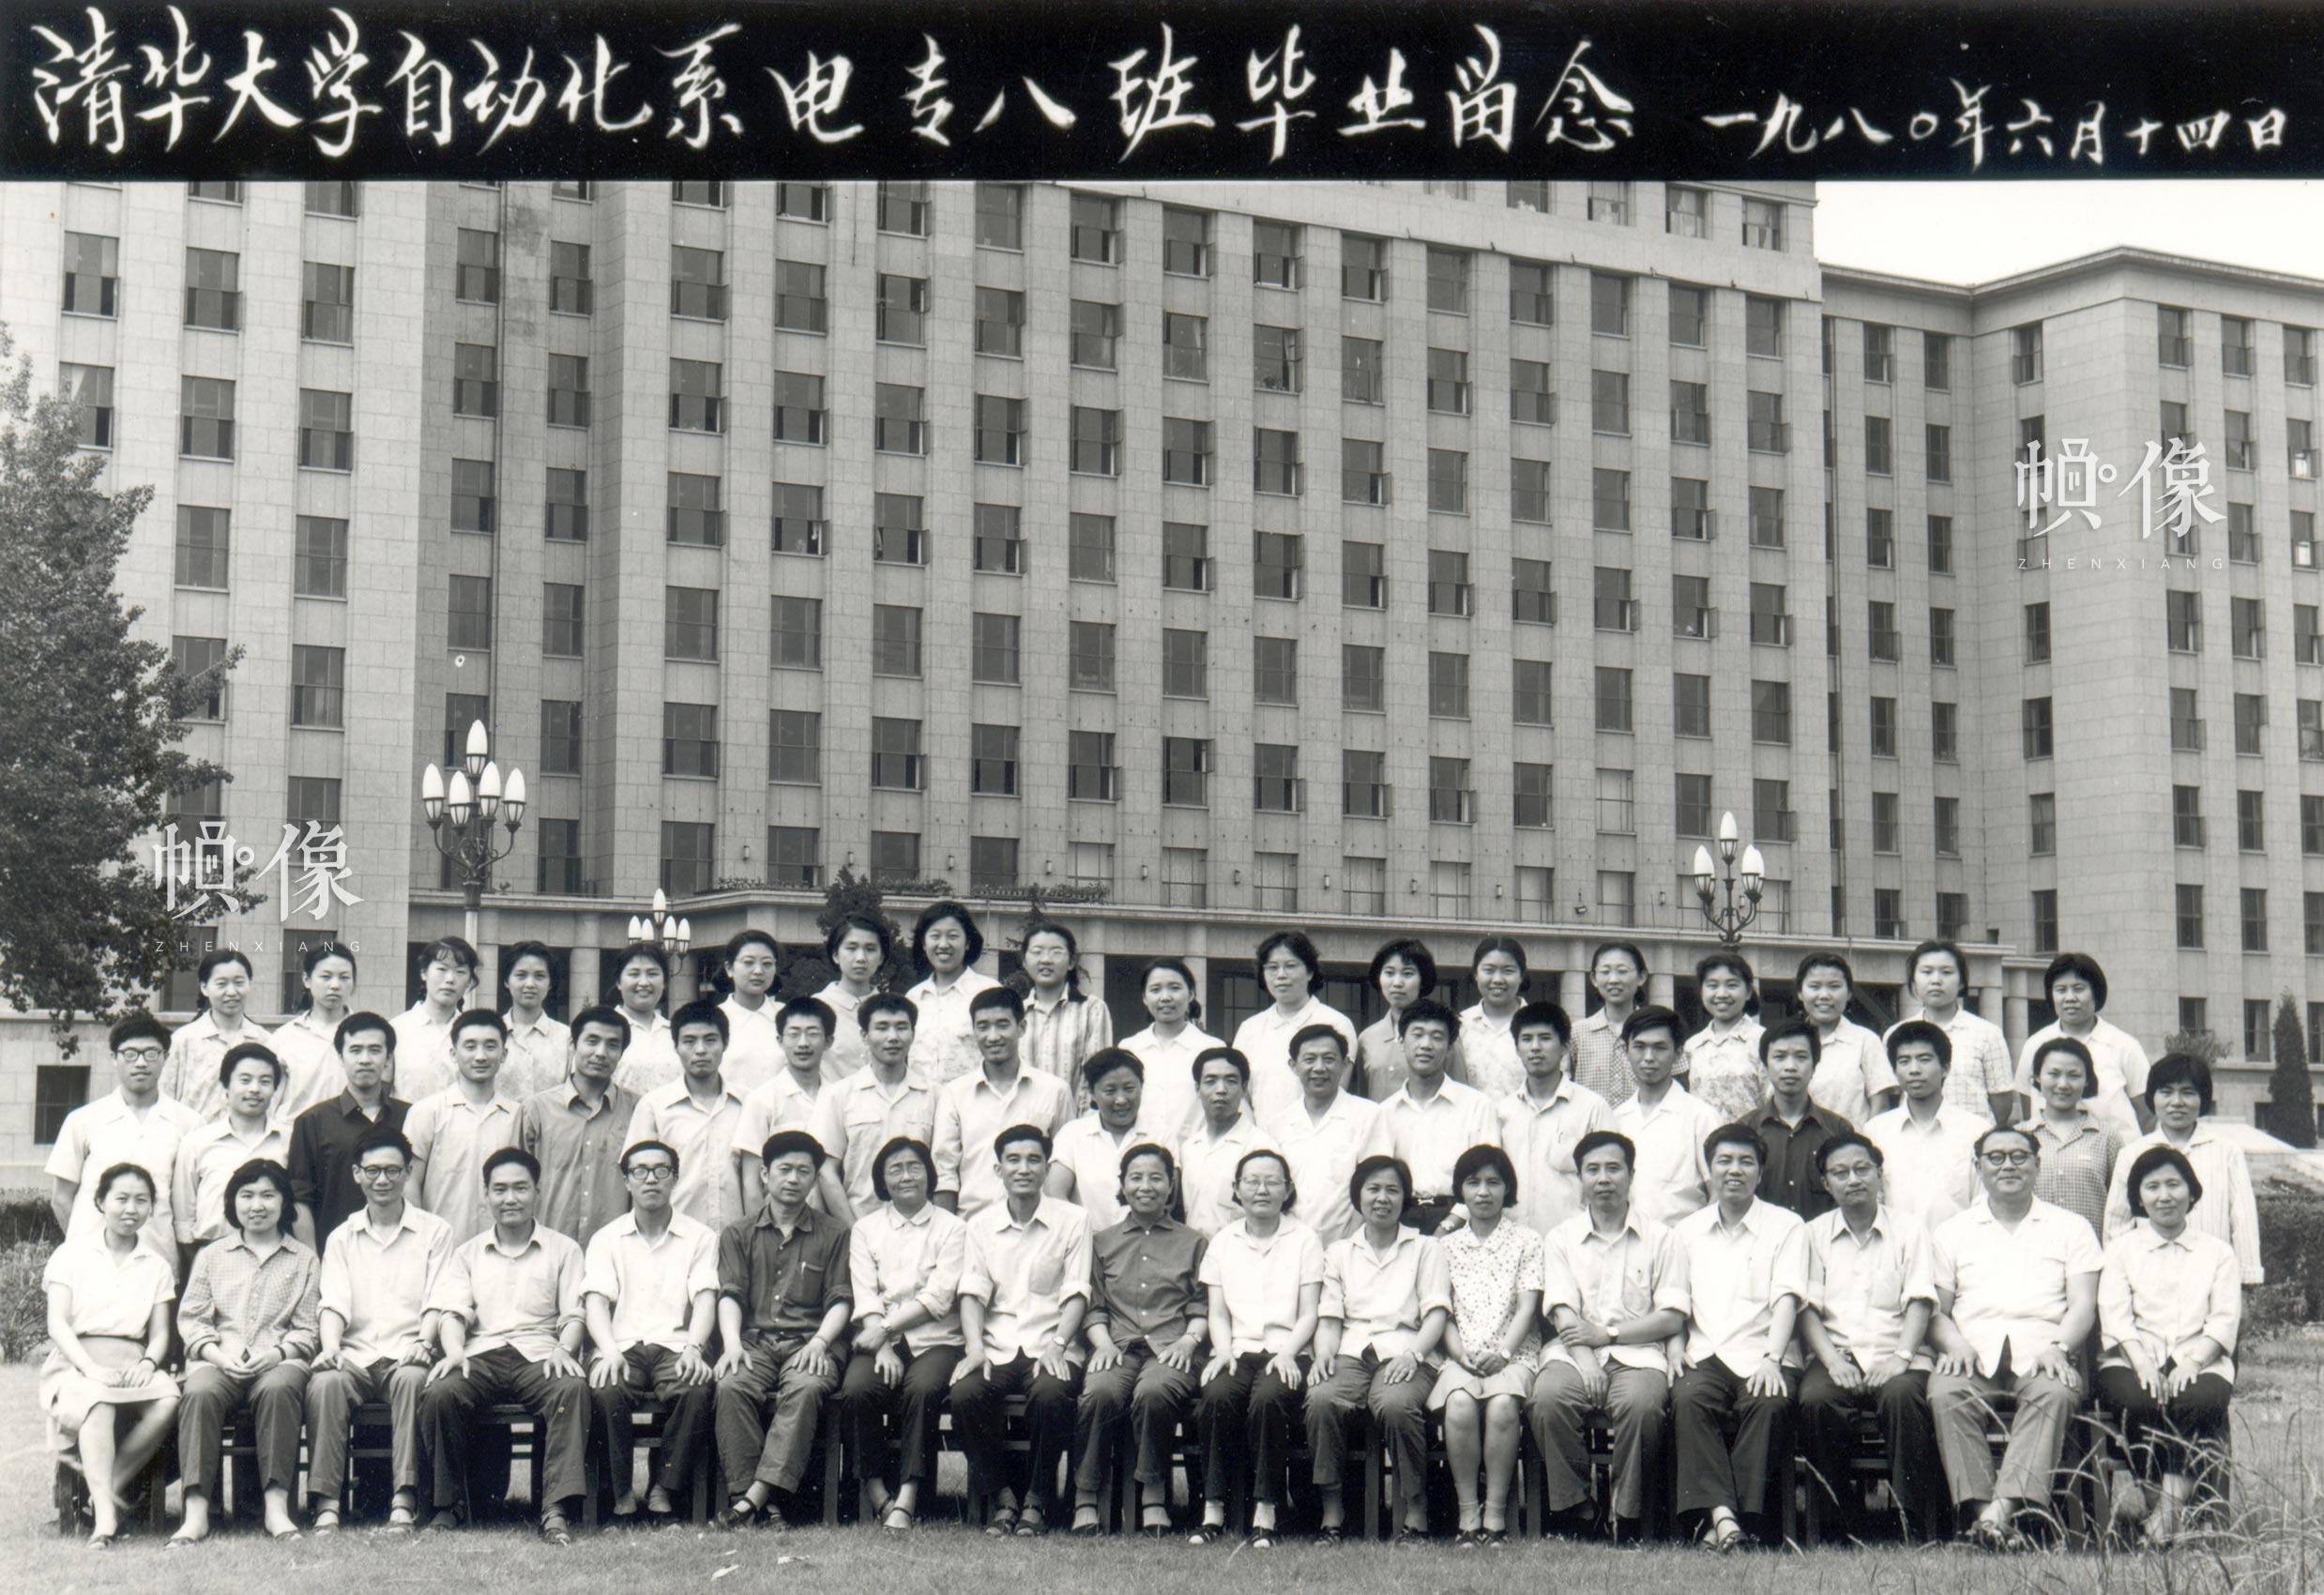 1982年,高考制度恢复后清华大学自动化系第一批本科毕业生合影。